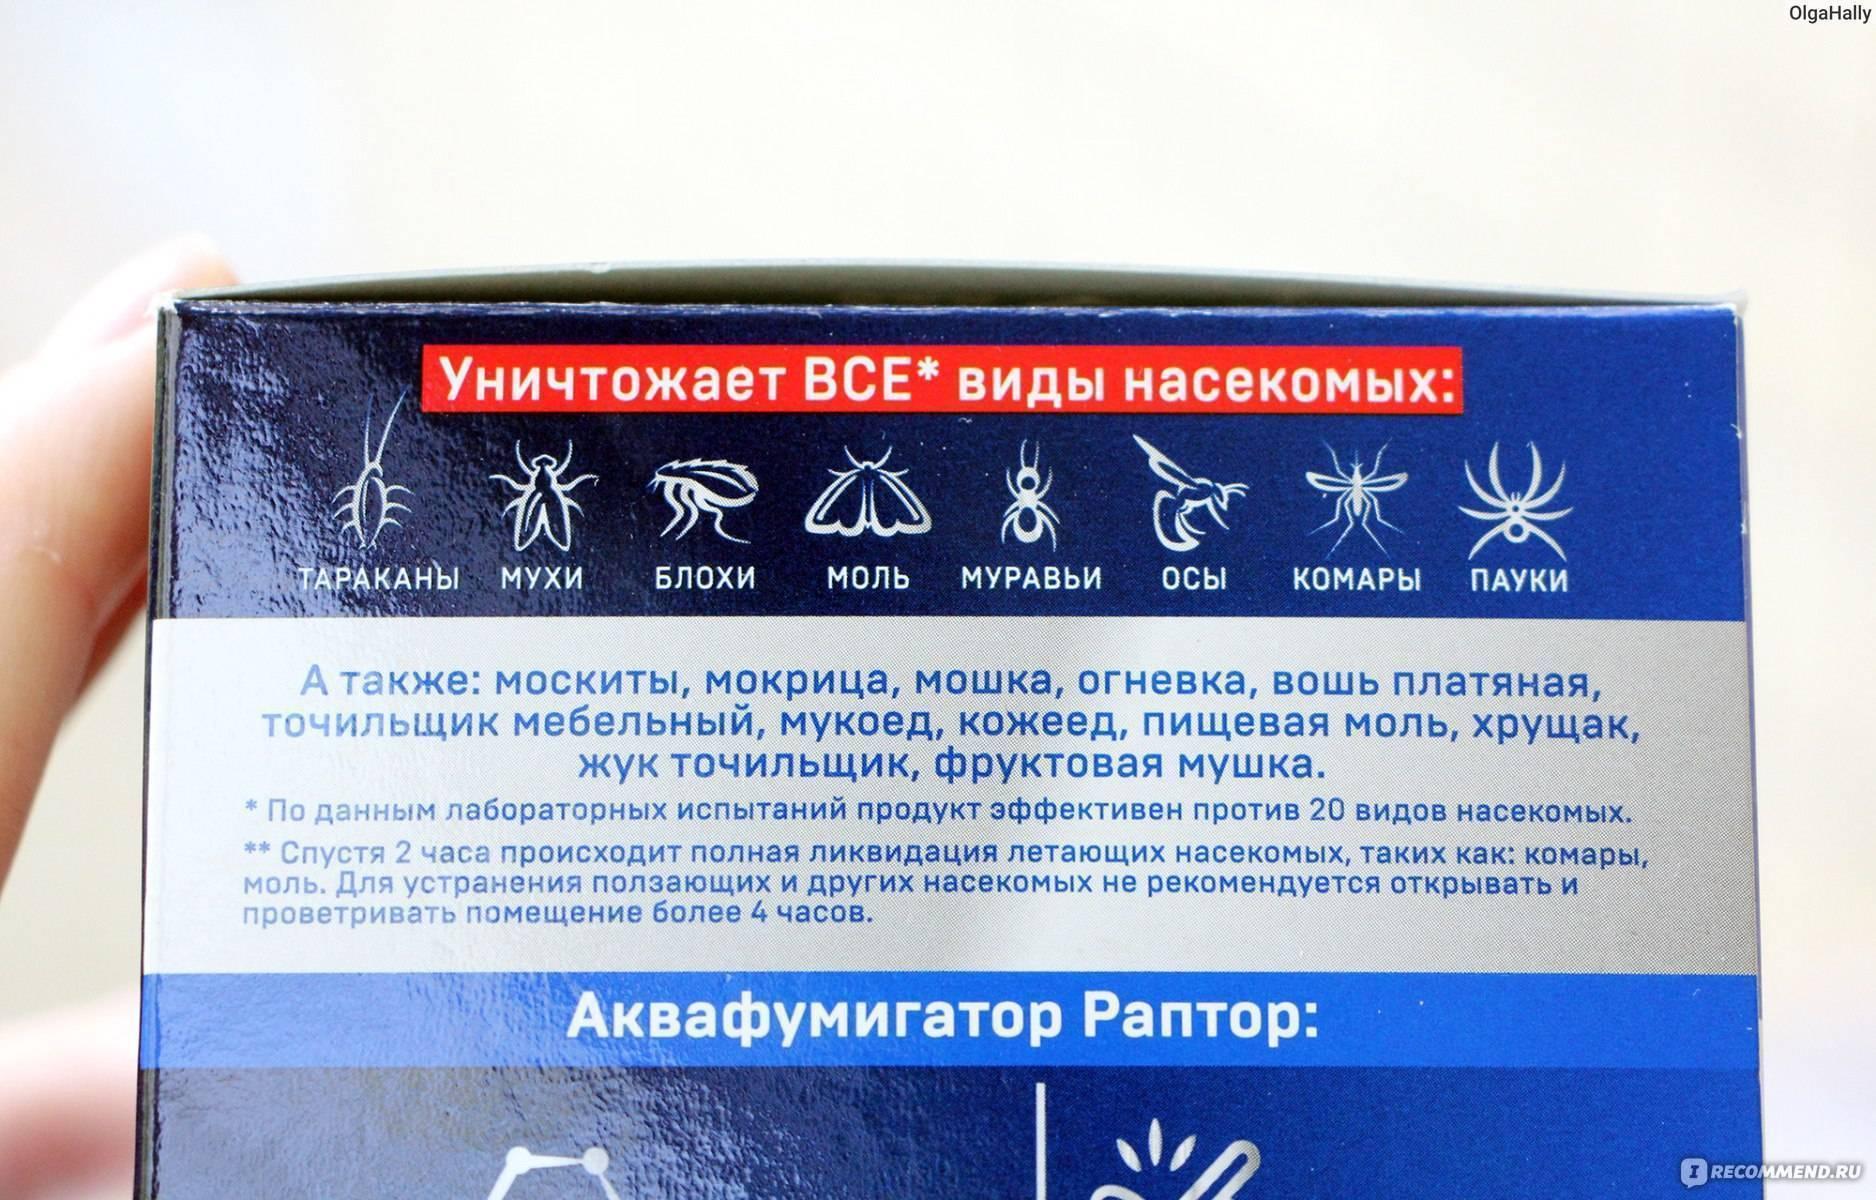 Использование аквафумигатора раптор в борьбе с тараканами: инструкция и меры безопасности. эффективна ли дымовая шашка? отзывы покупателей